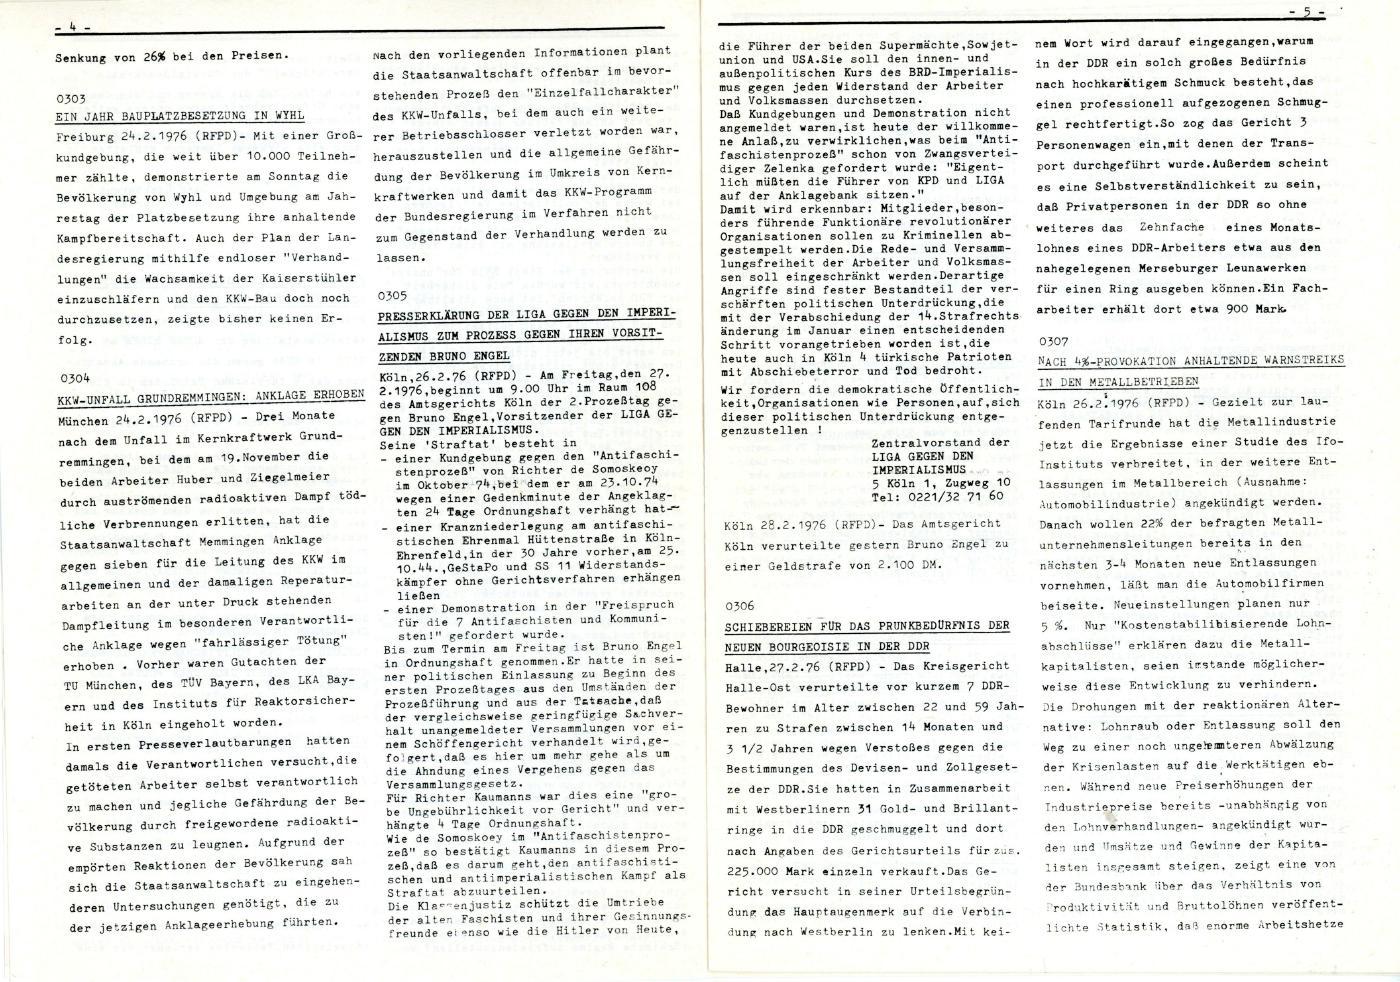 Rote_Fahne_Pressedienst_1976_09_03